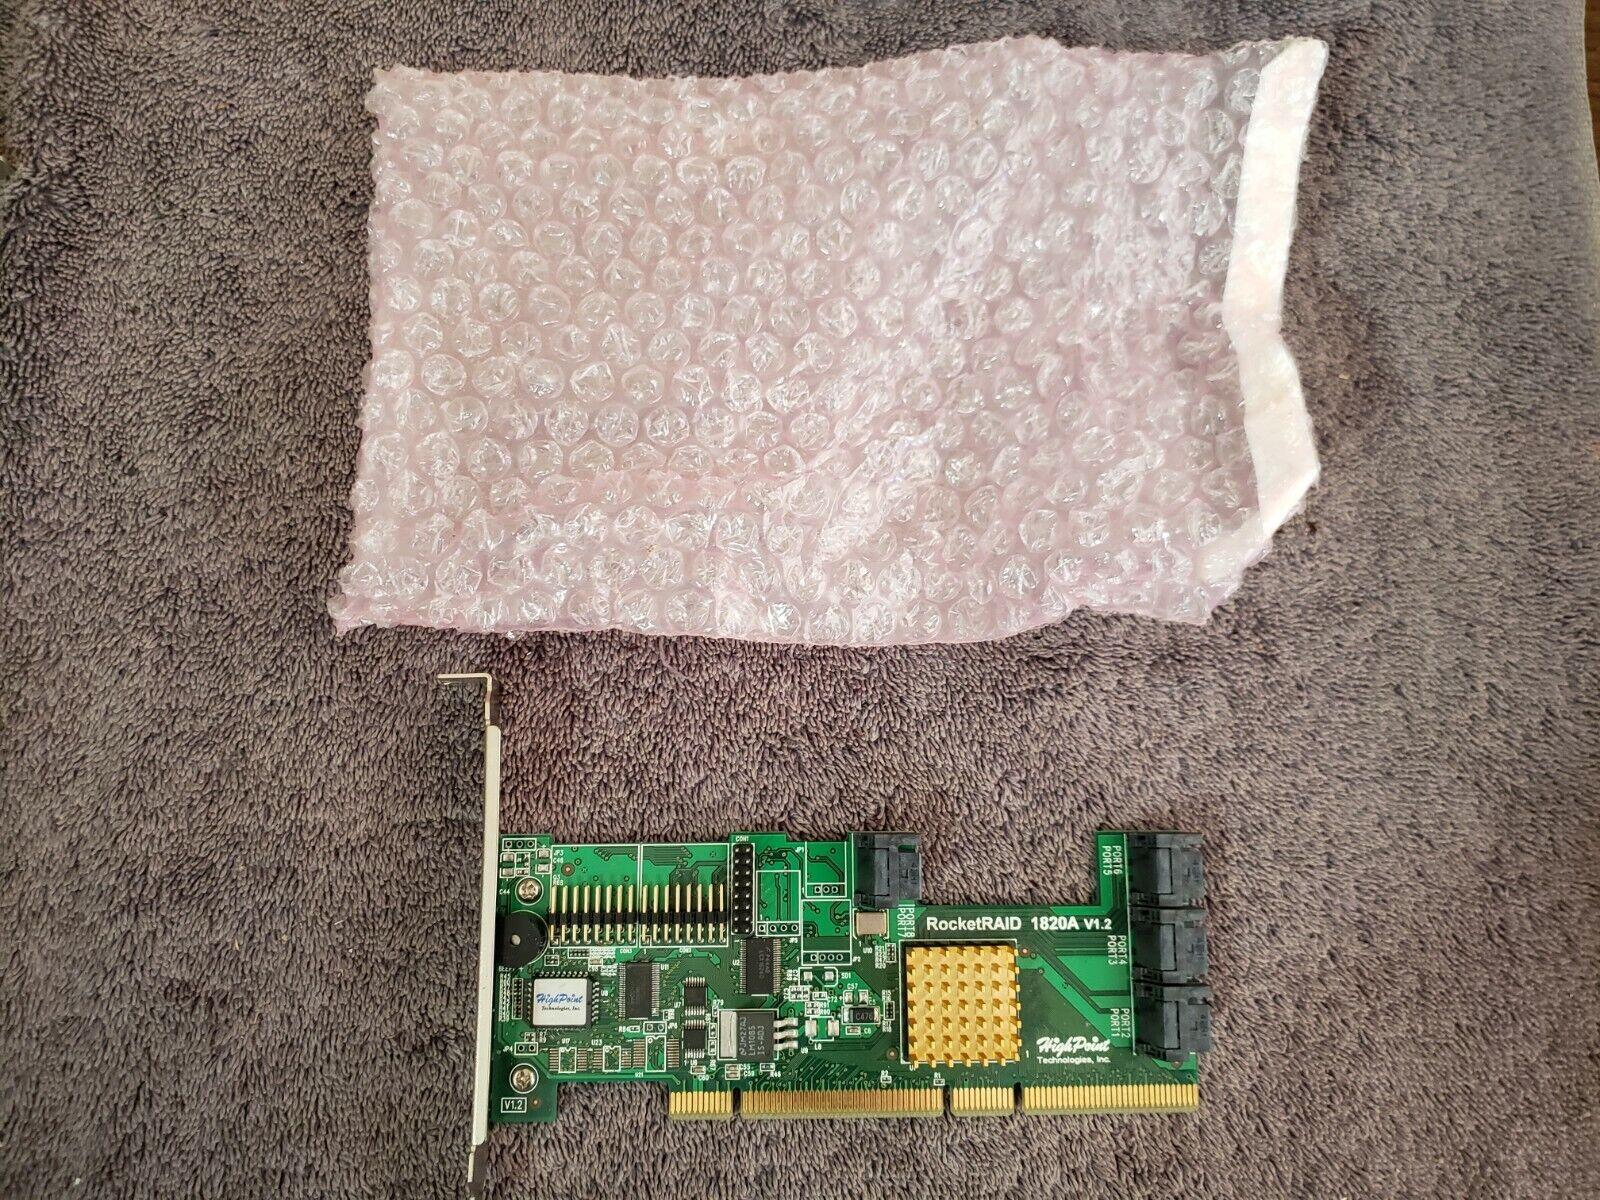 New HighPoint RocketRAID 1820A 8 Port SATA RAID Controller Card PCI-X 64 bit